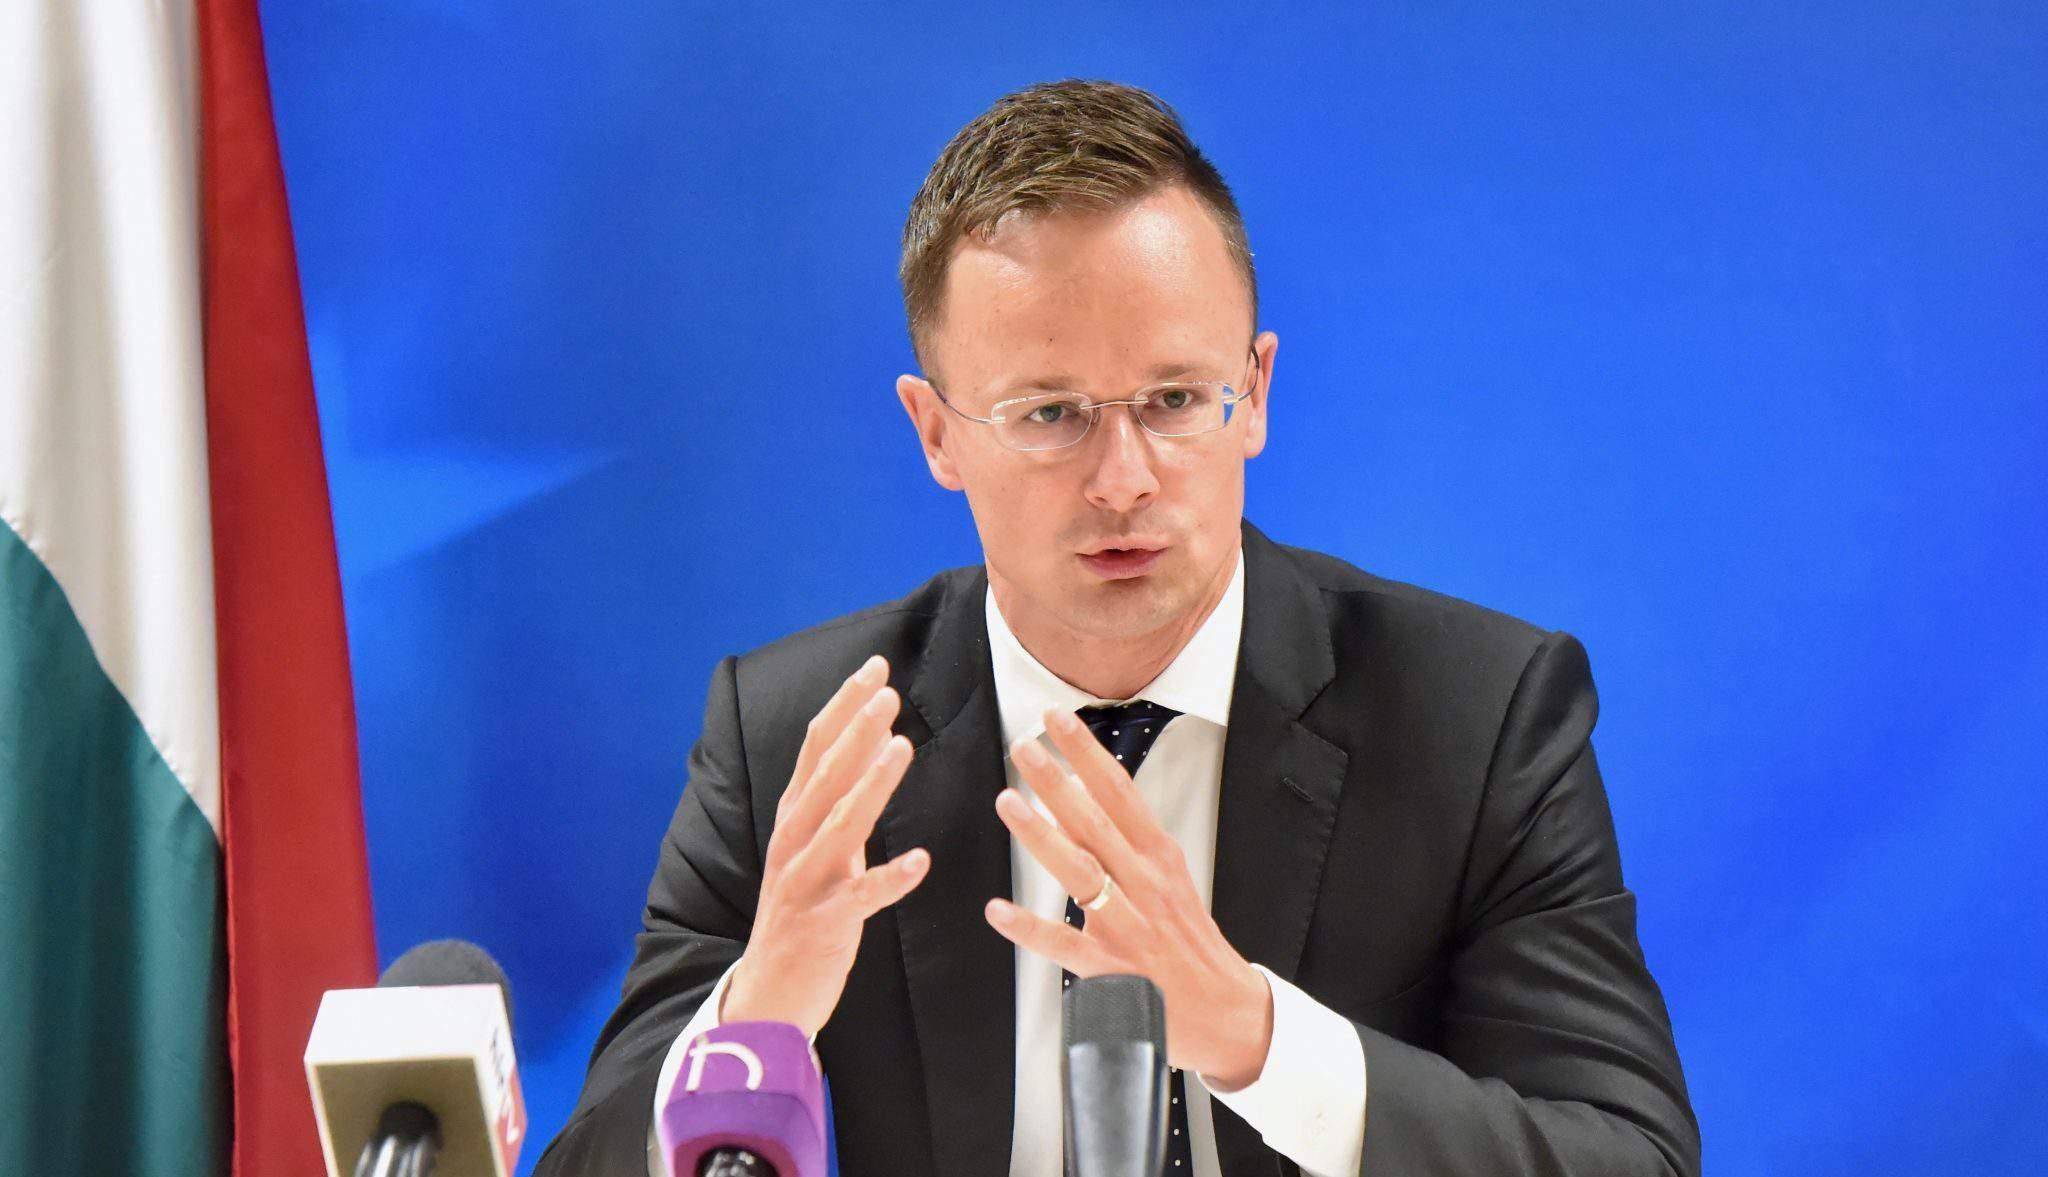 foreign minister EU migration